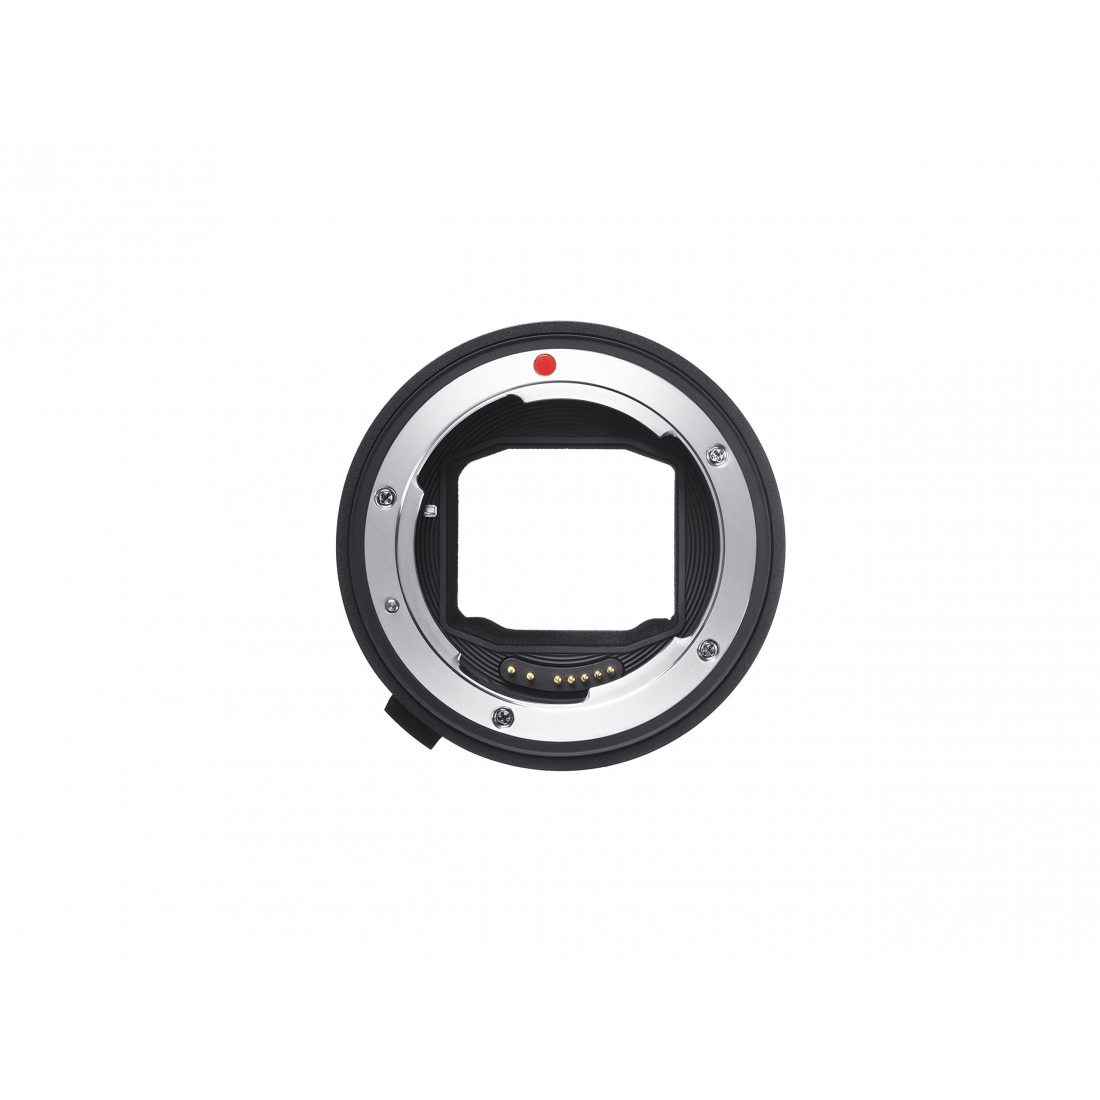 Adaptateur Sigma MC-11 pour objectifs en monture Sigma SA sur un boitier Sony à monture E